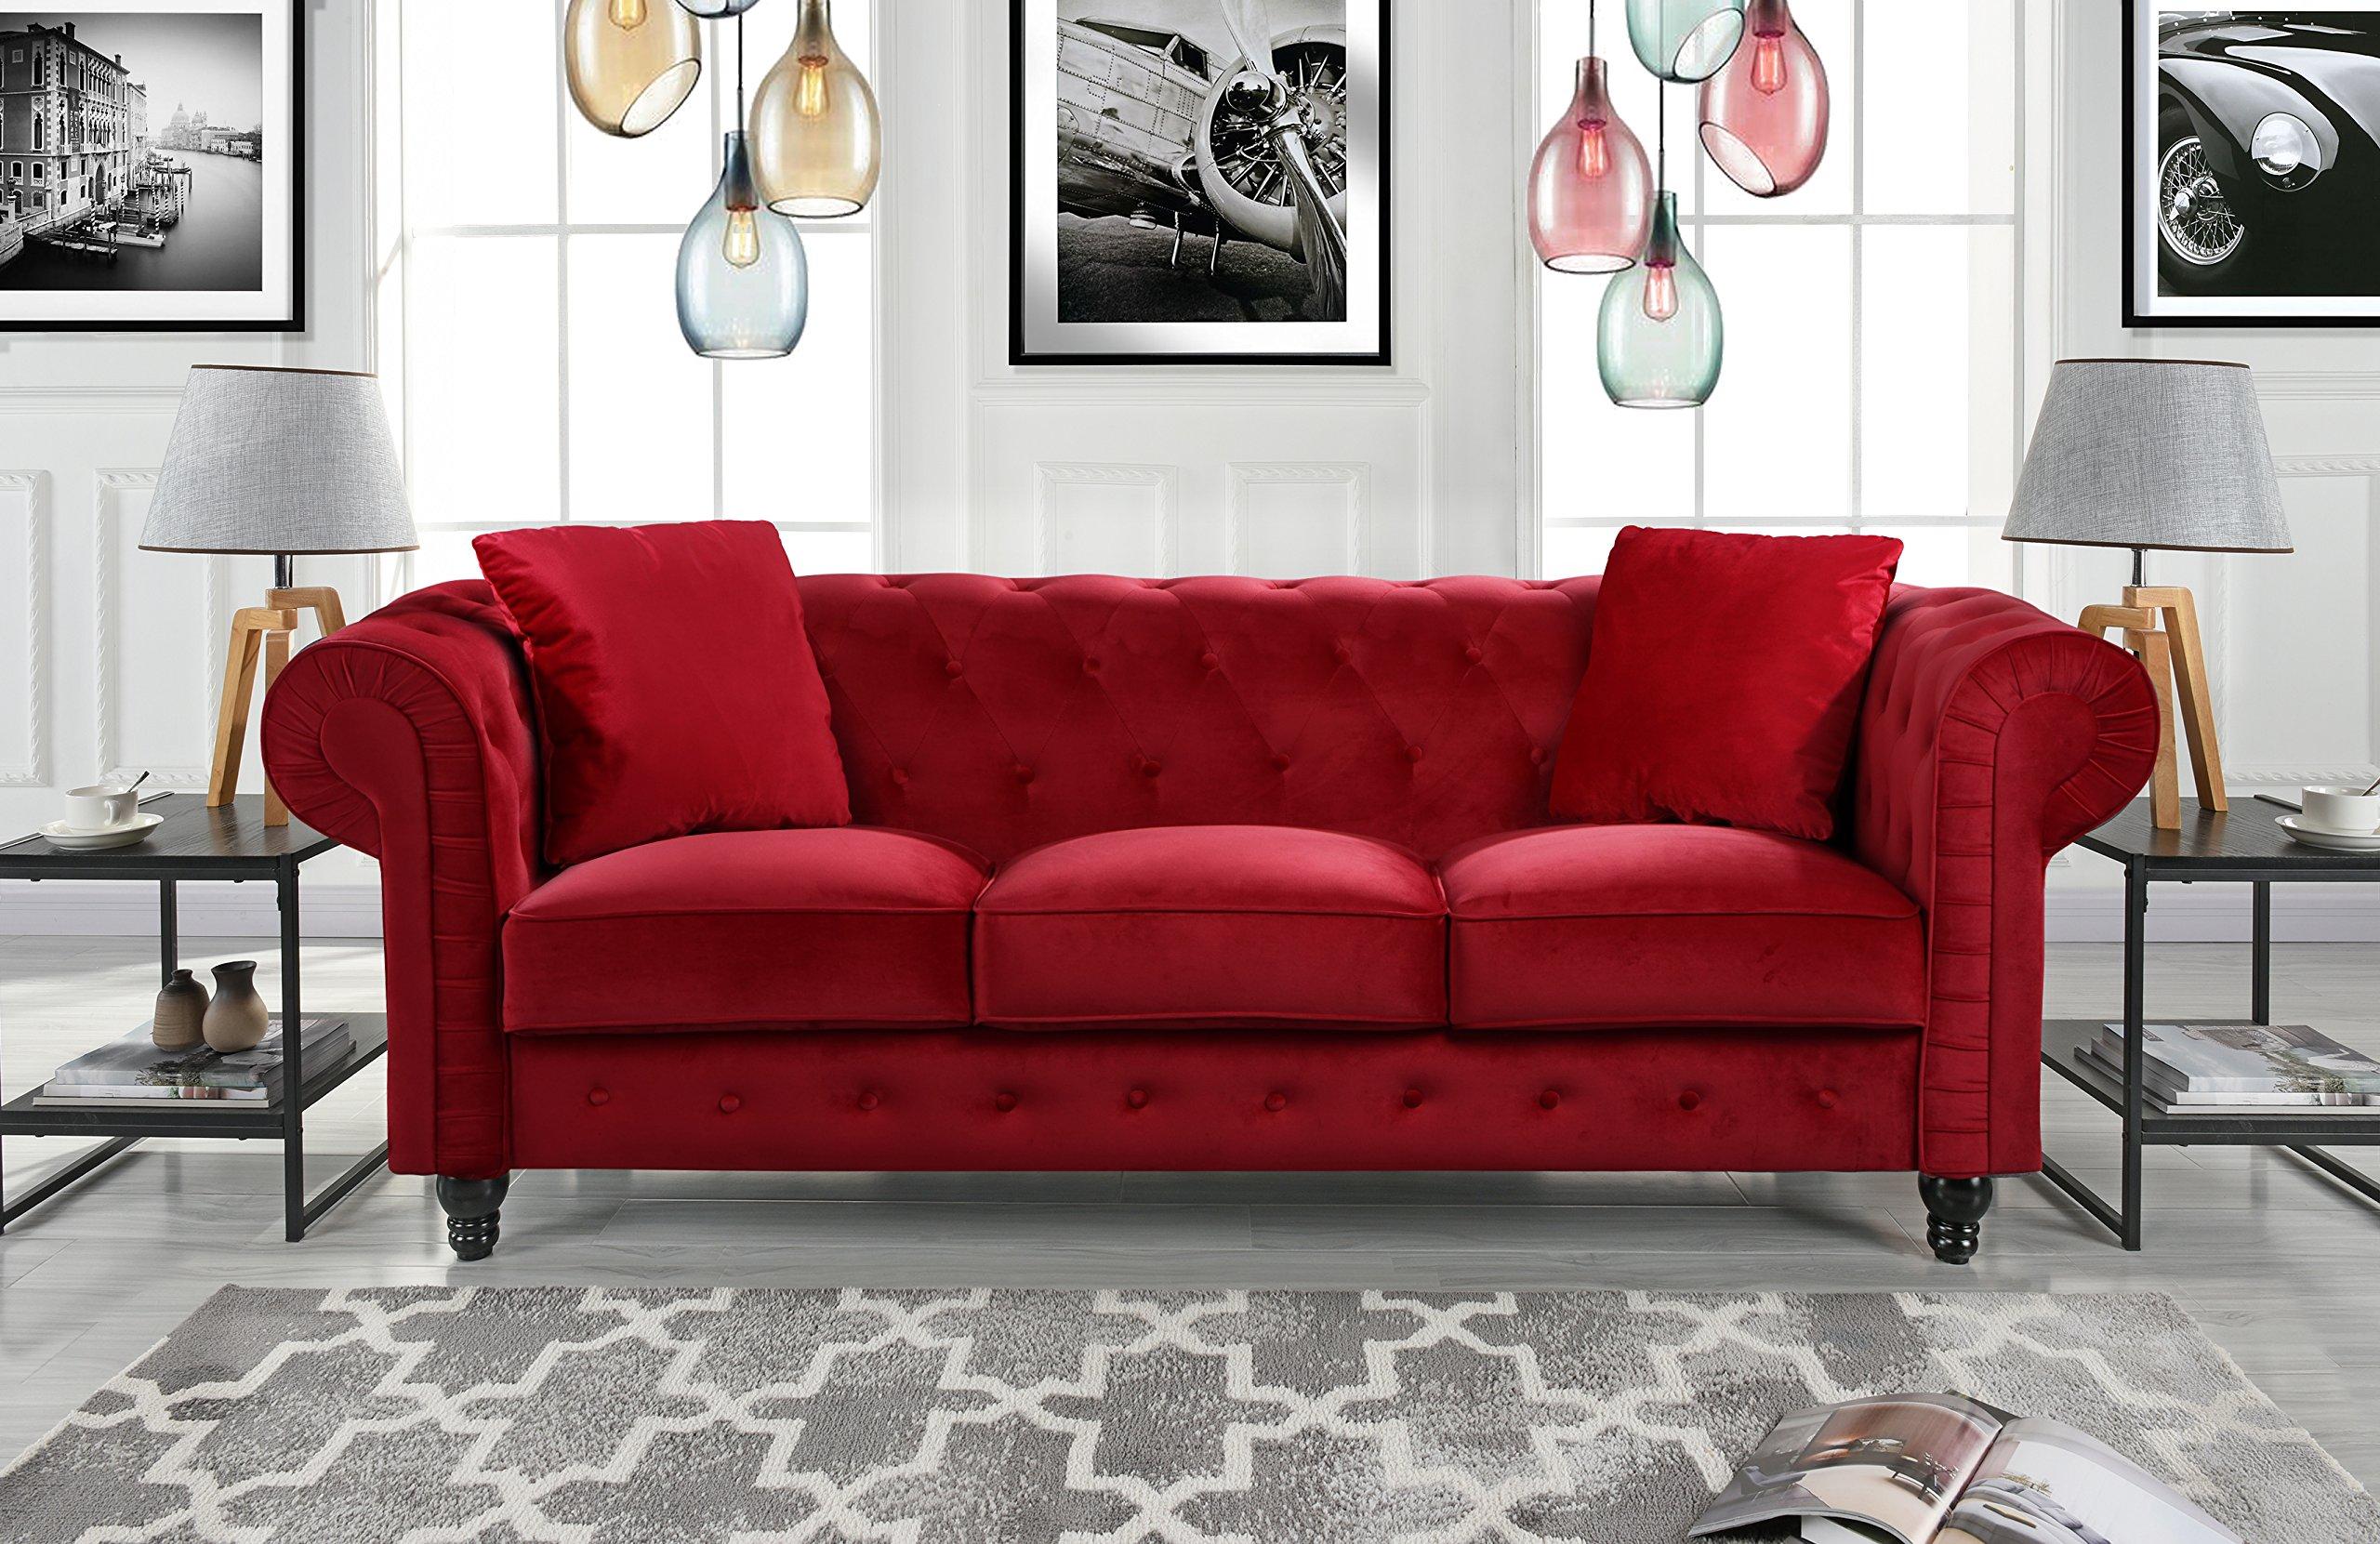 red velvet sofa amazon com rh amazon com red velvet sofa ikea red velvet sofa uk